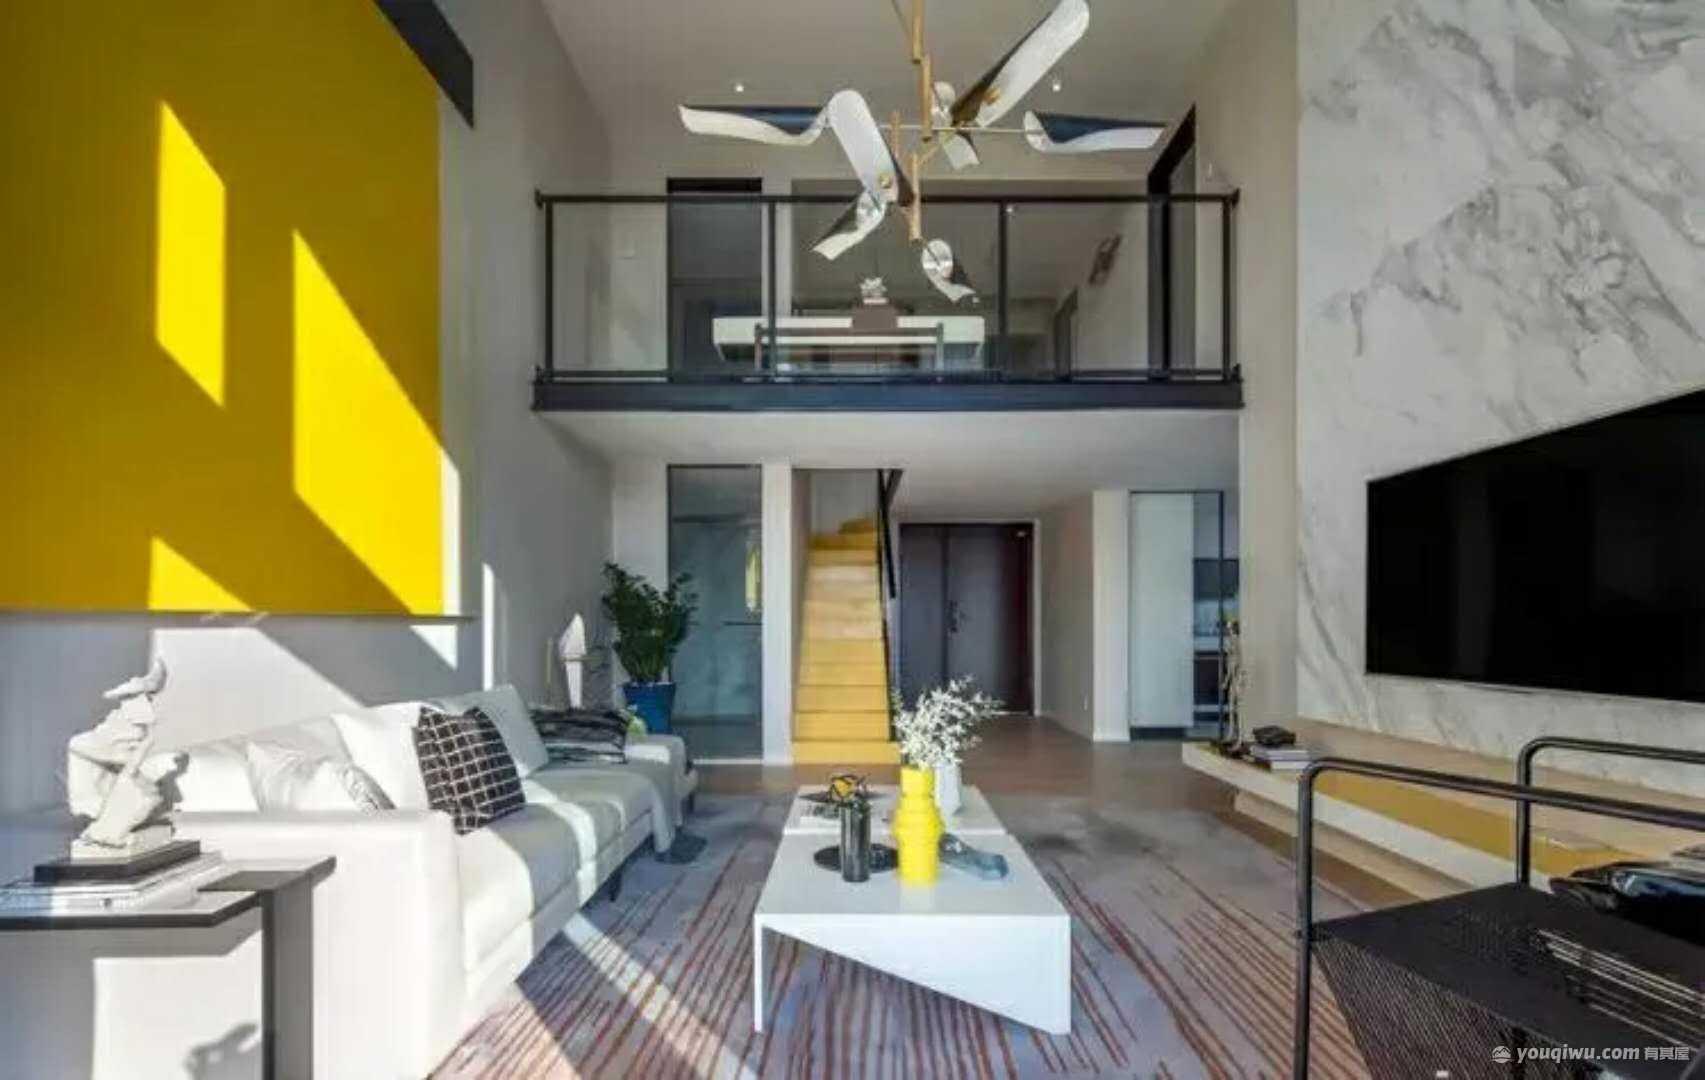 189平方米复试楼现代简约风格装修效果图—锦艺装饰